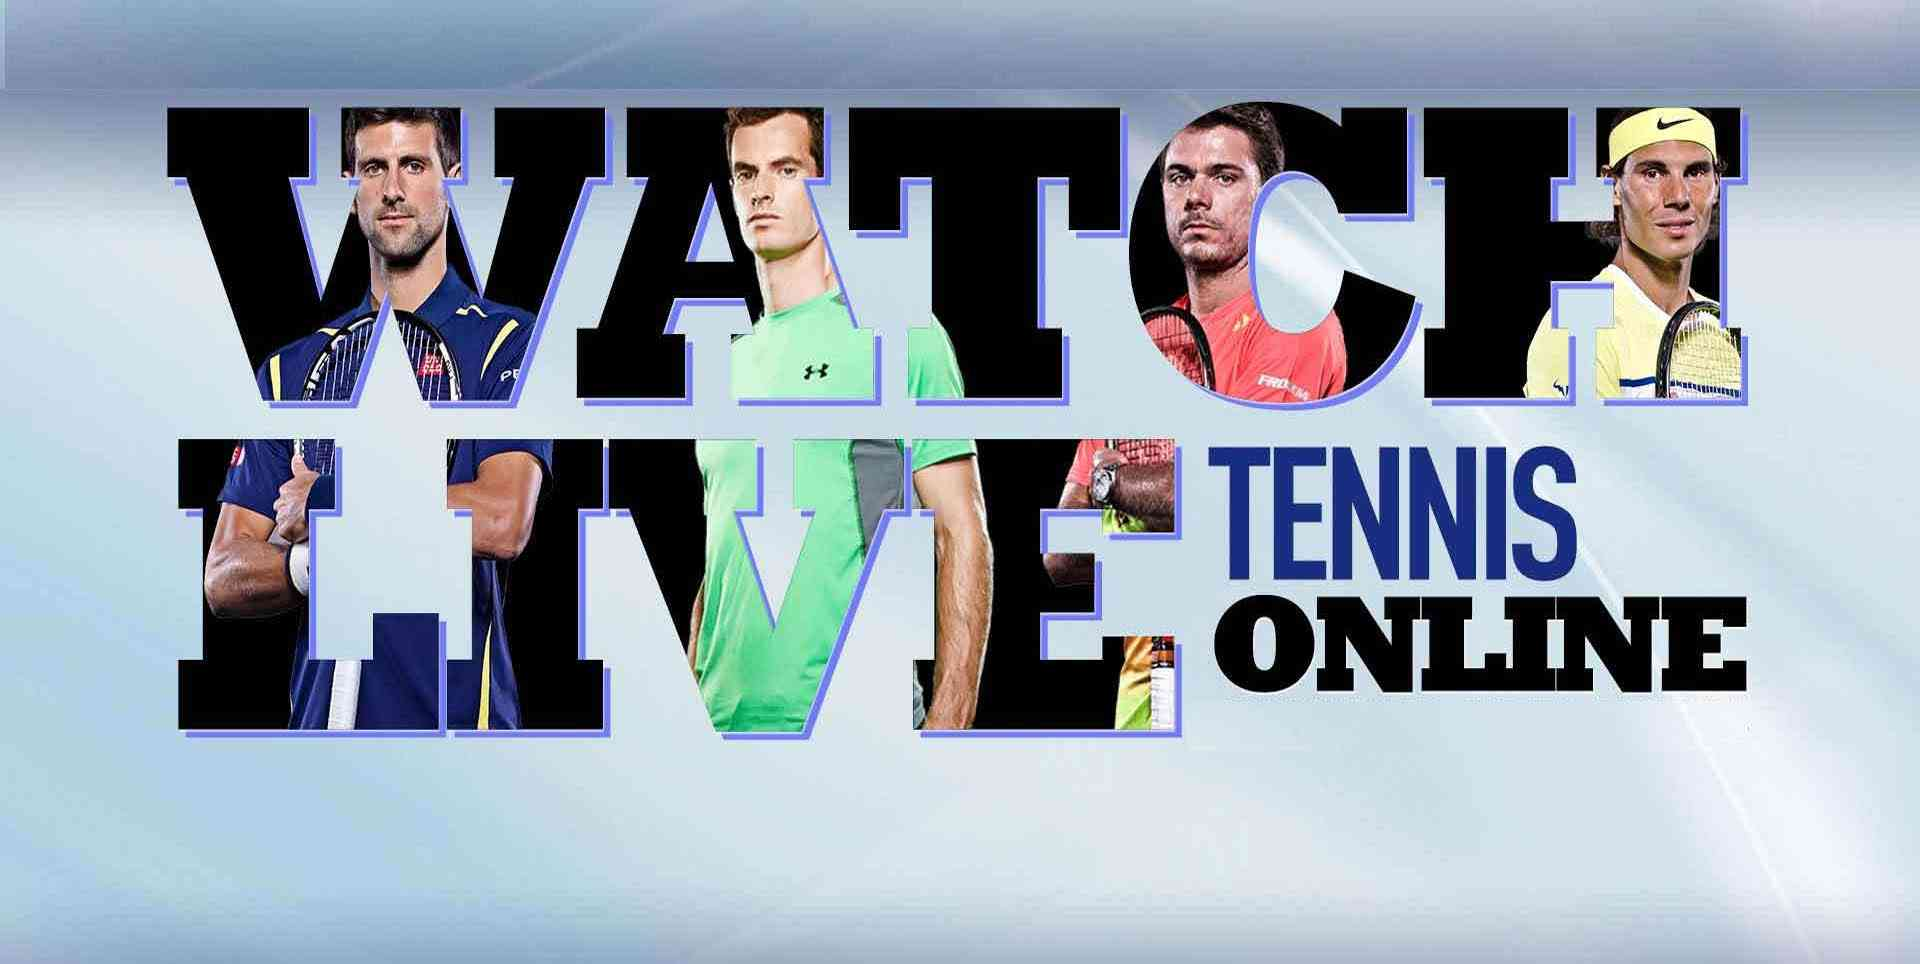 Stream Simone Bolelli vs Roger Federer Online